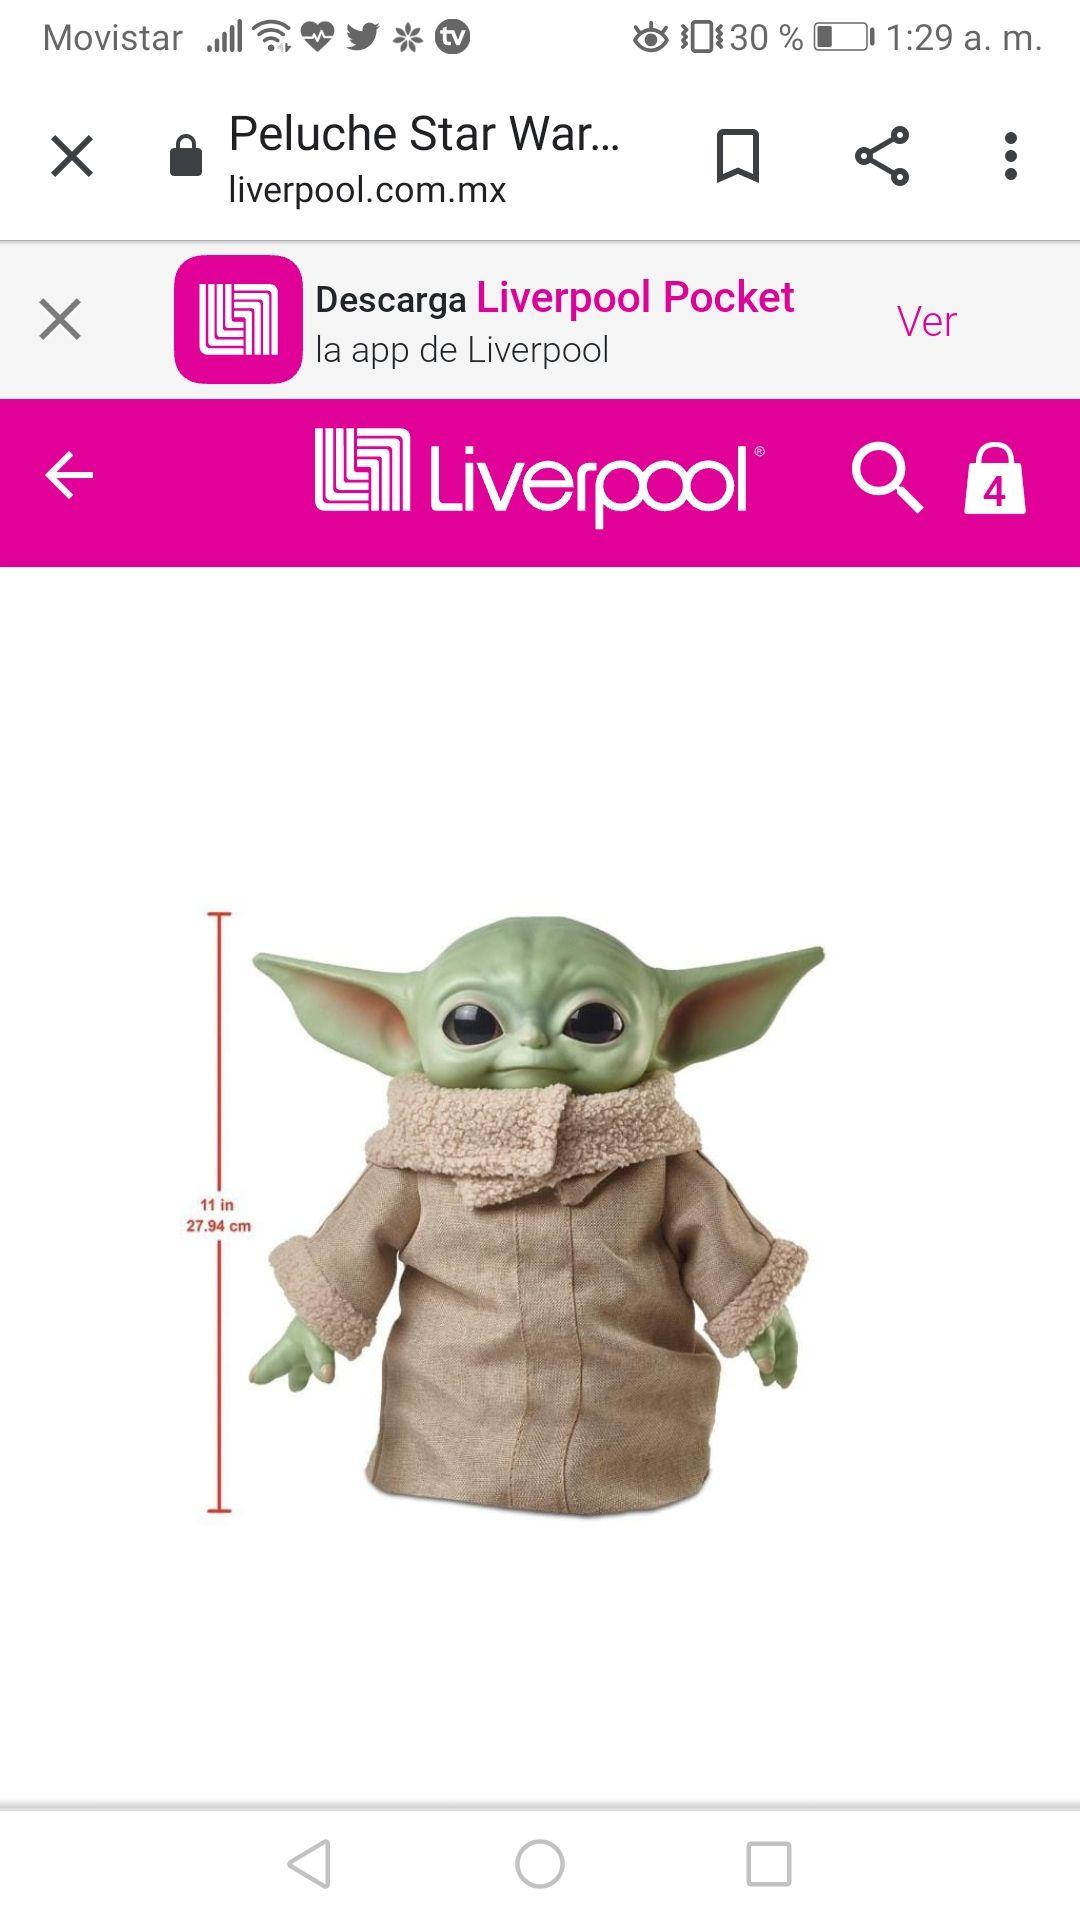 Liverpool:Baby yoda en 607 pesitos